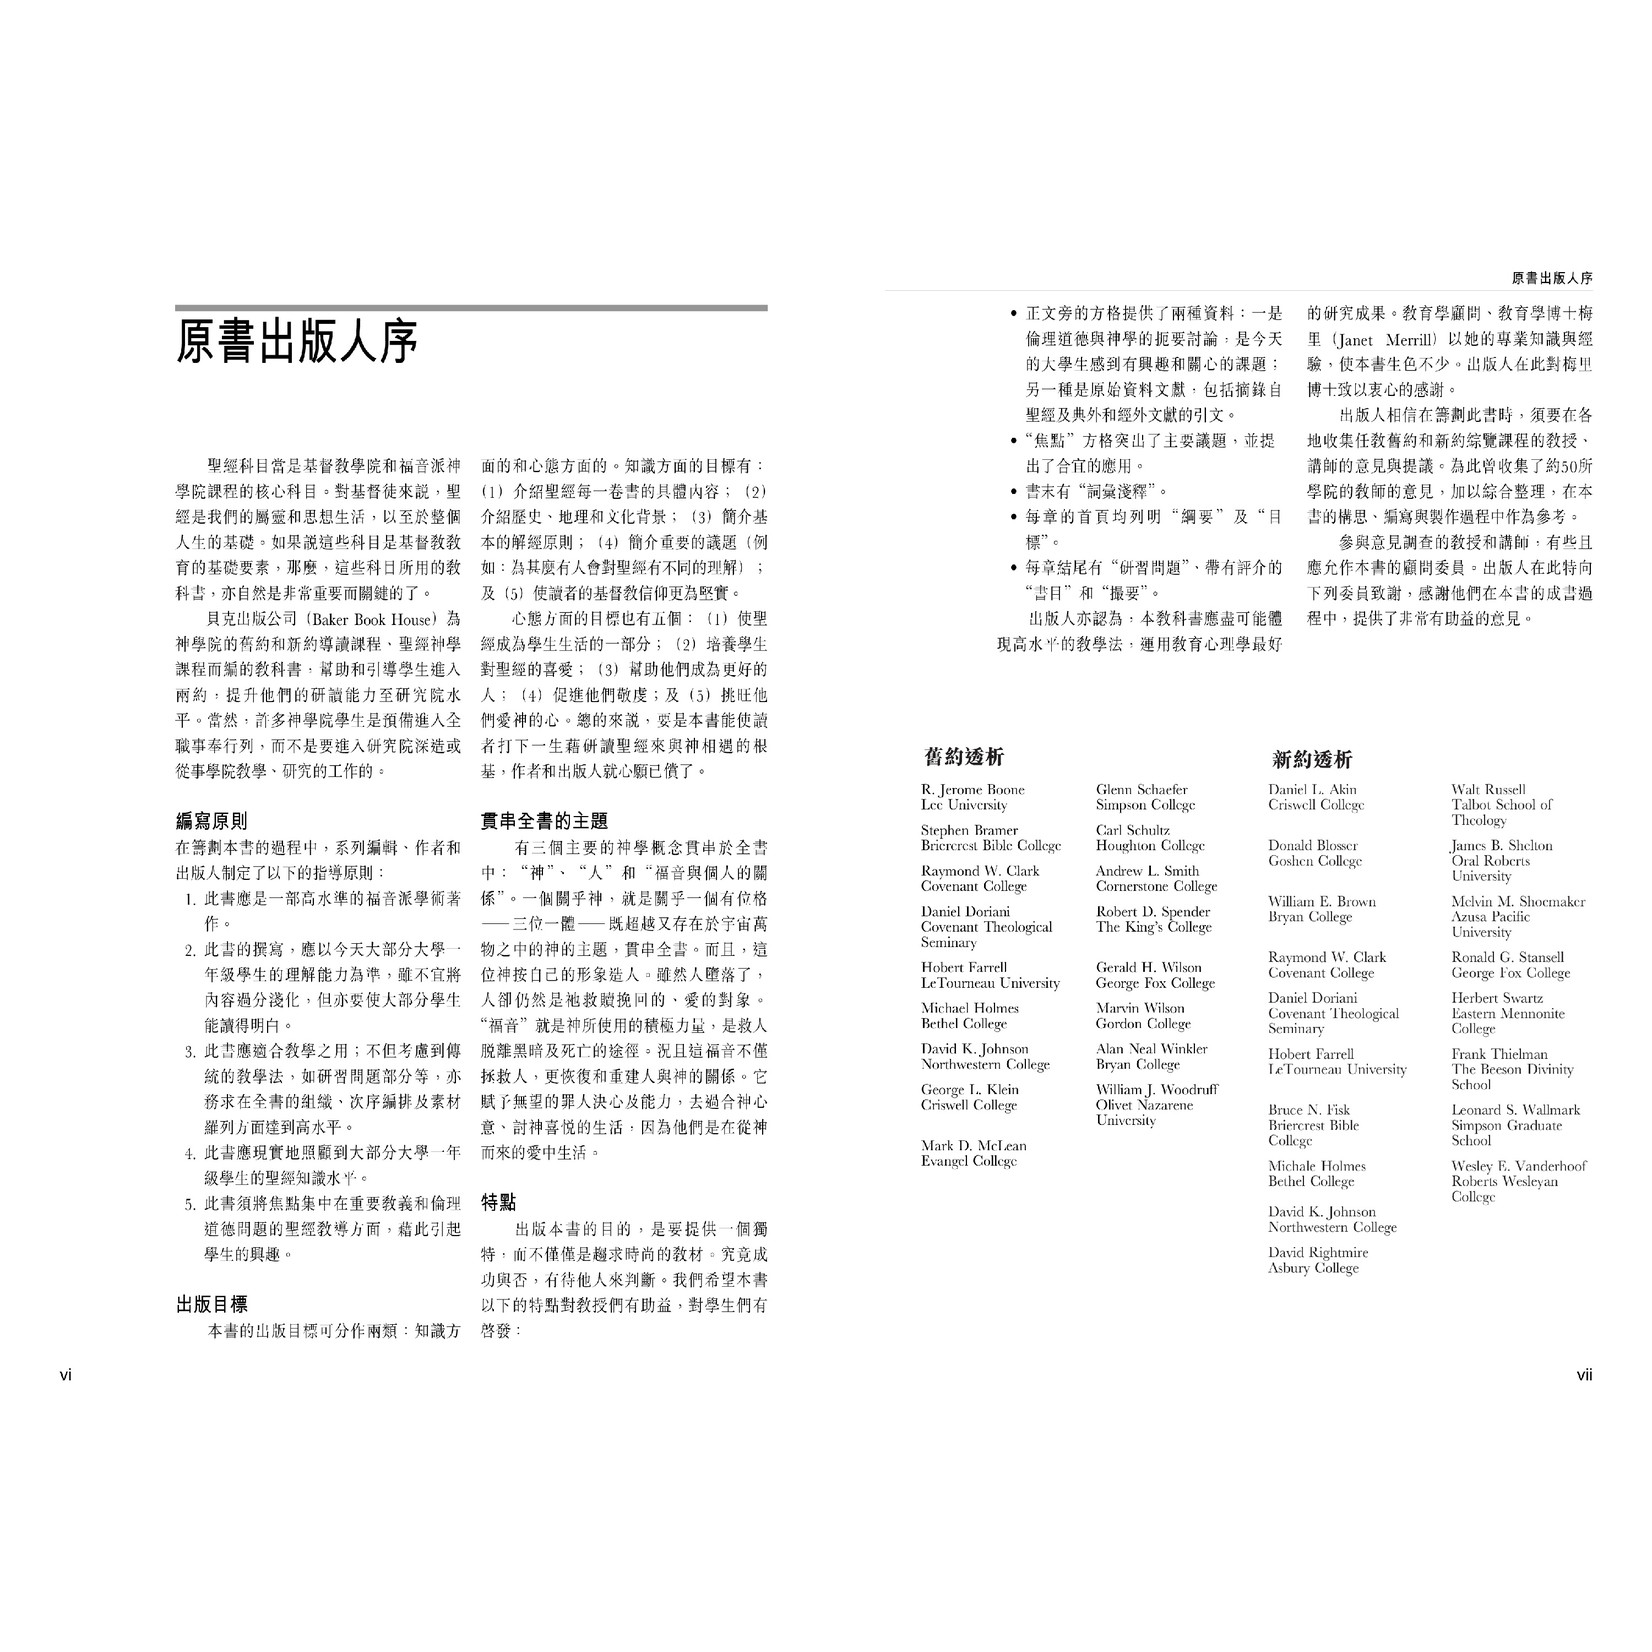 漢語聖經協會 Chinese Bible International 聖經透析:全方位研讀(繁體) Encountering the Old Testament and Encountering the New Testament